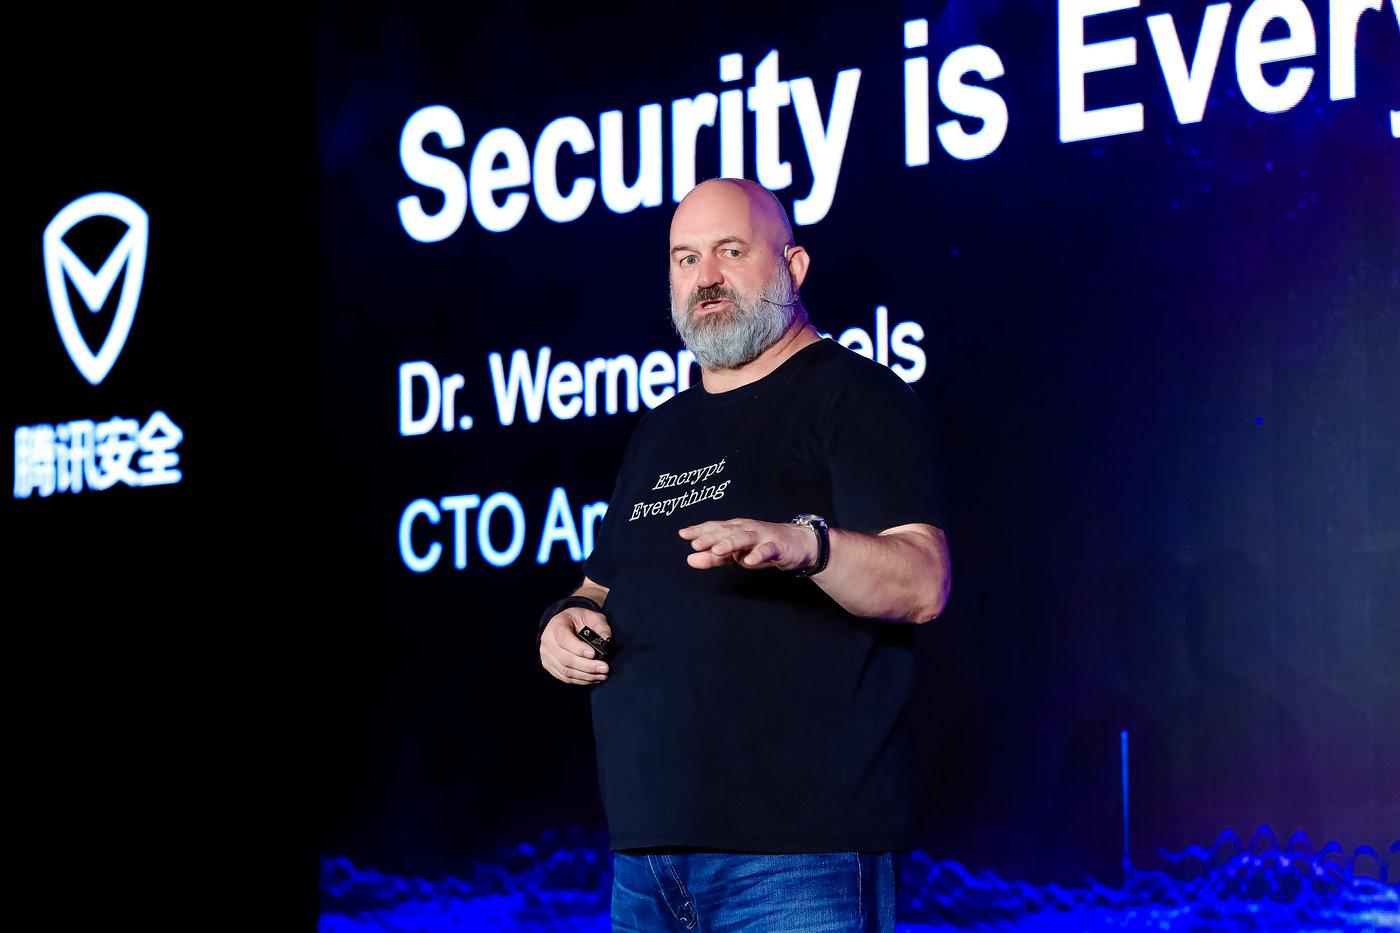 亚马逊首席技术官谈网络安全自动化:这是每个工程师的事情,是趋势